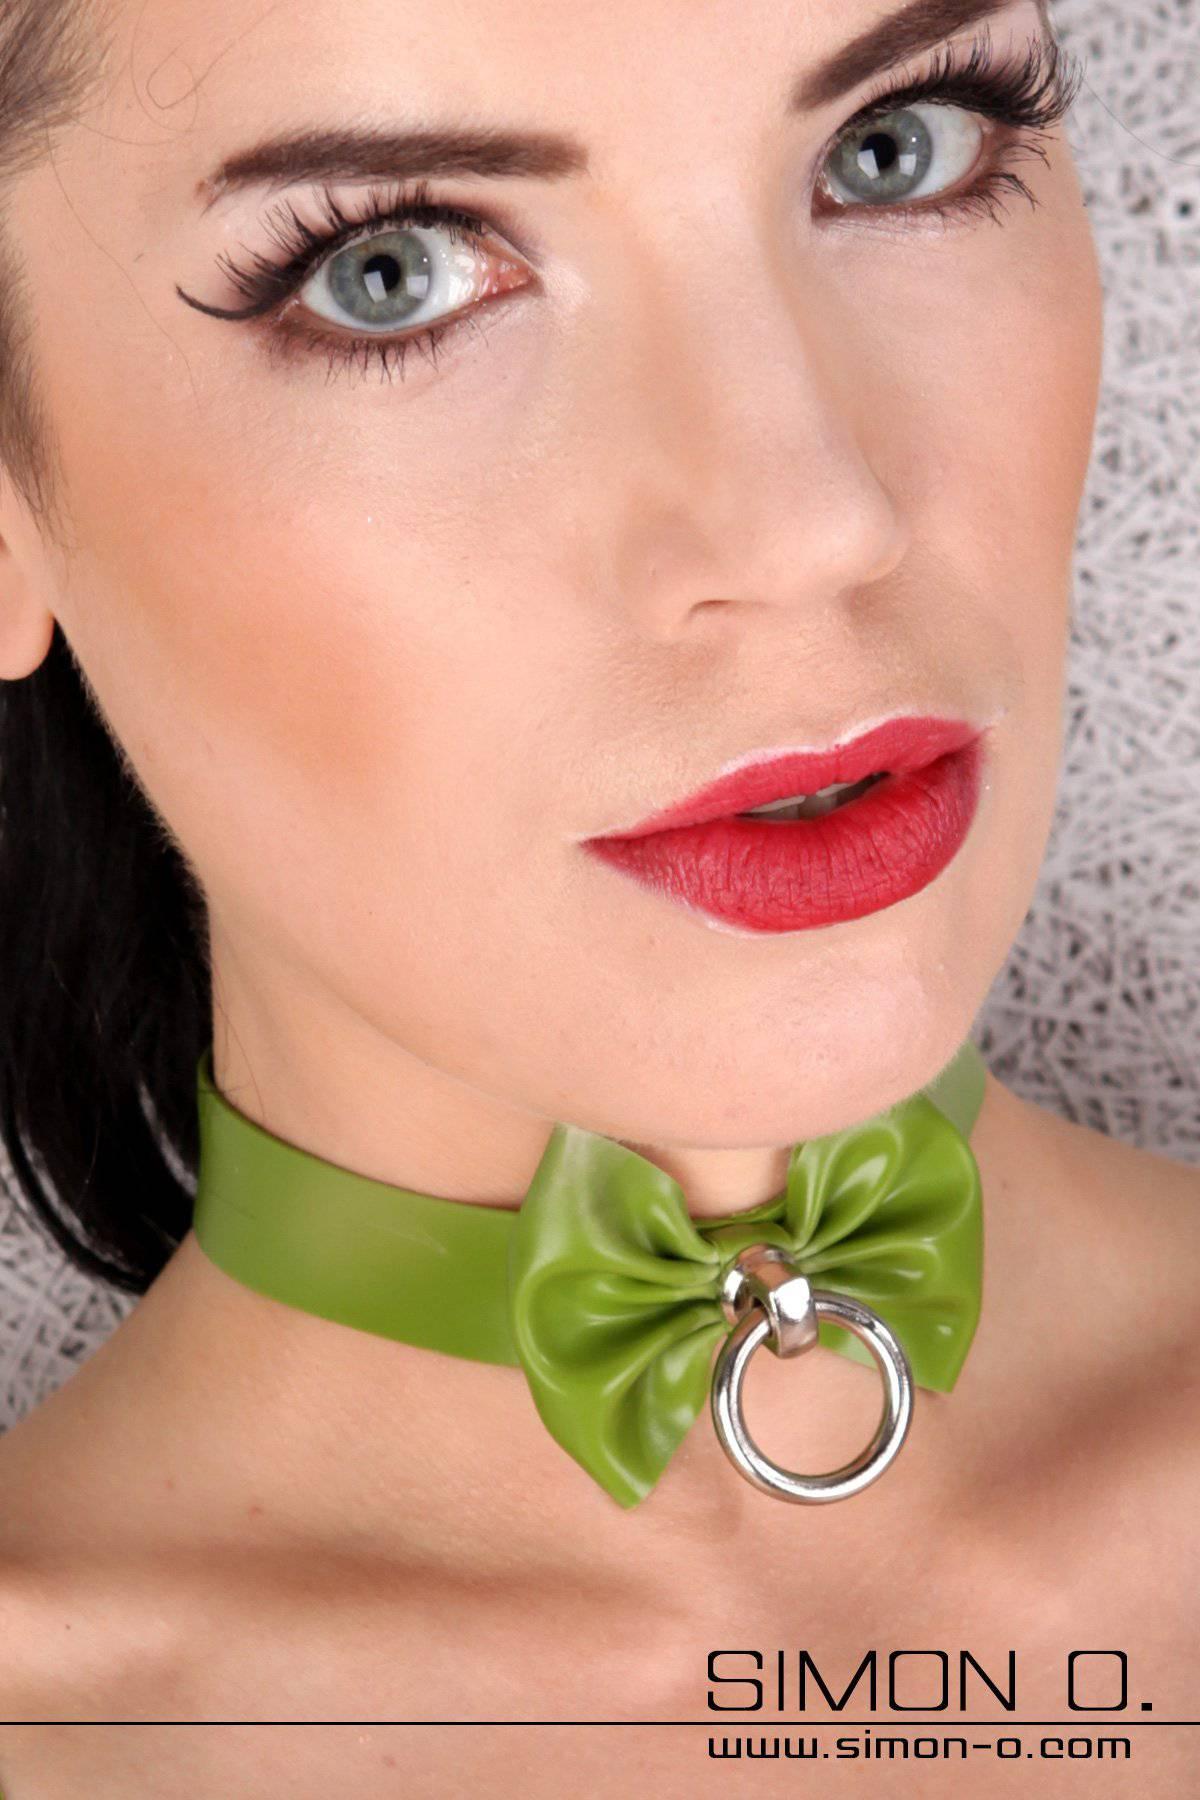 2 cm breites Halsband mit Masche und O-Ring sowie Druckknopfverschluß aus starken Latex. Besonders verspielt und doch aufregend in der Aussagekraft. …